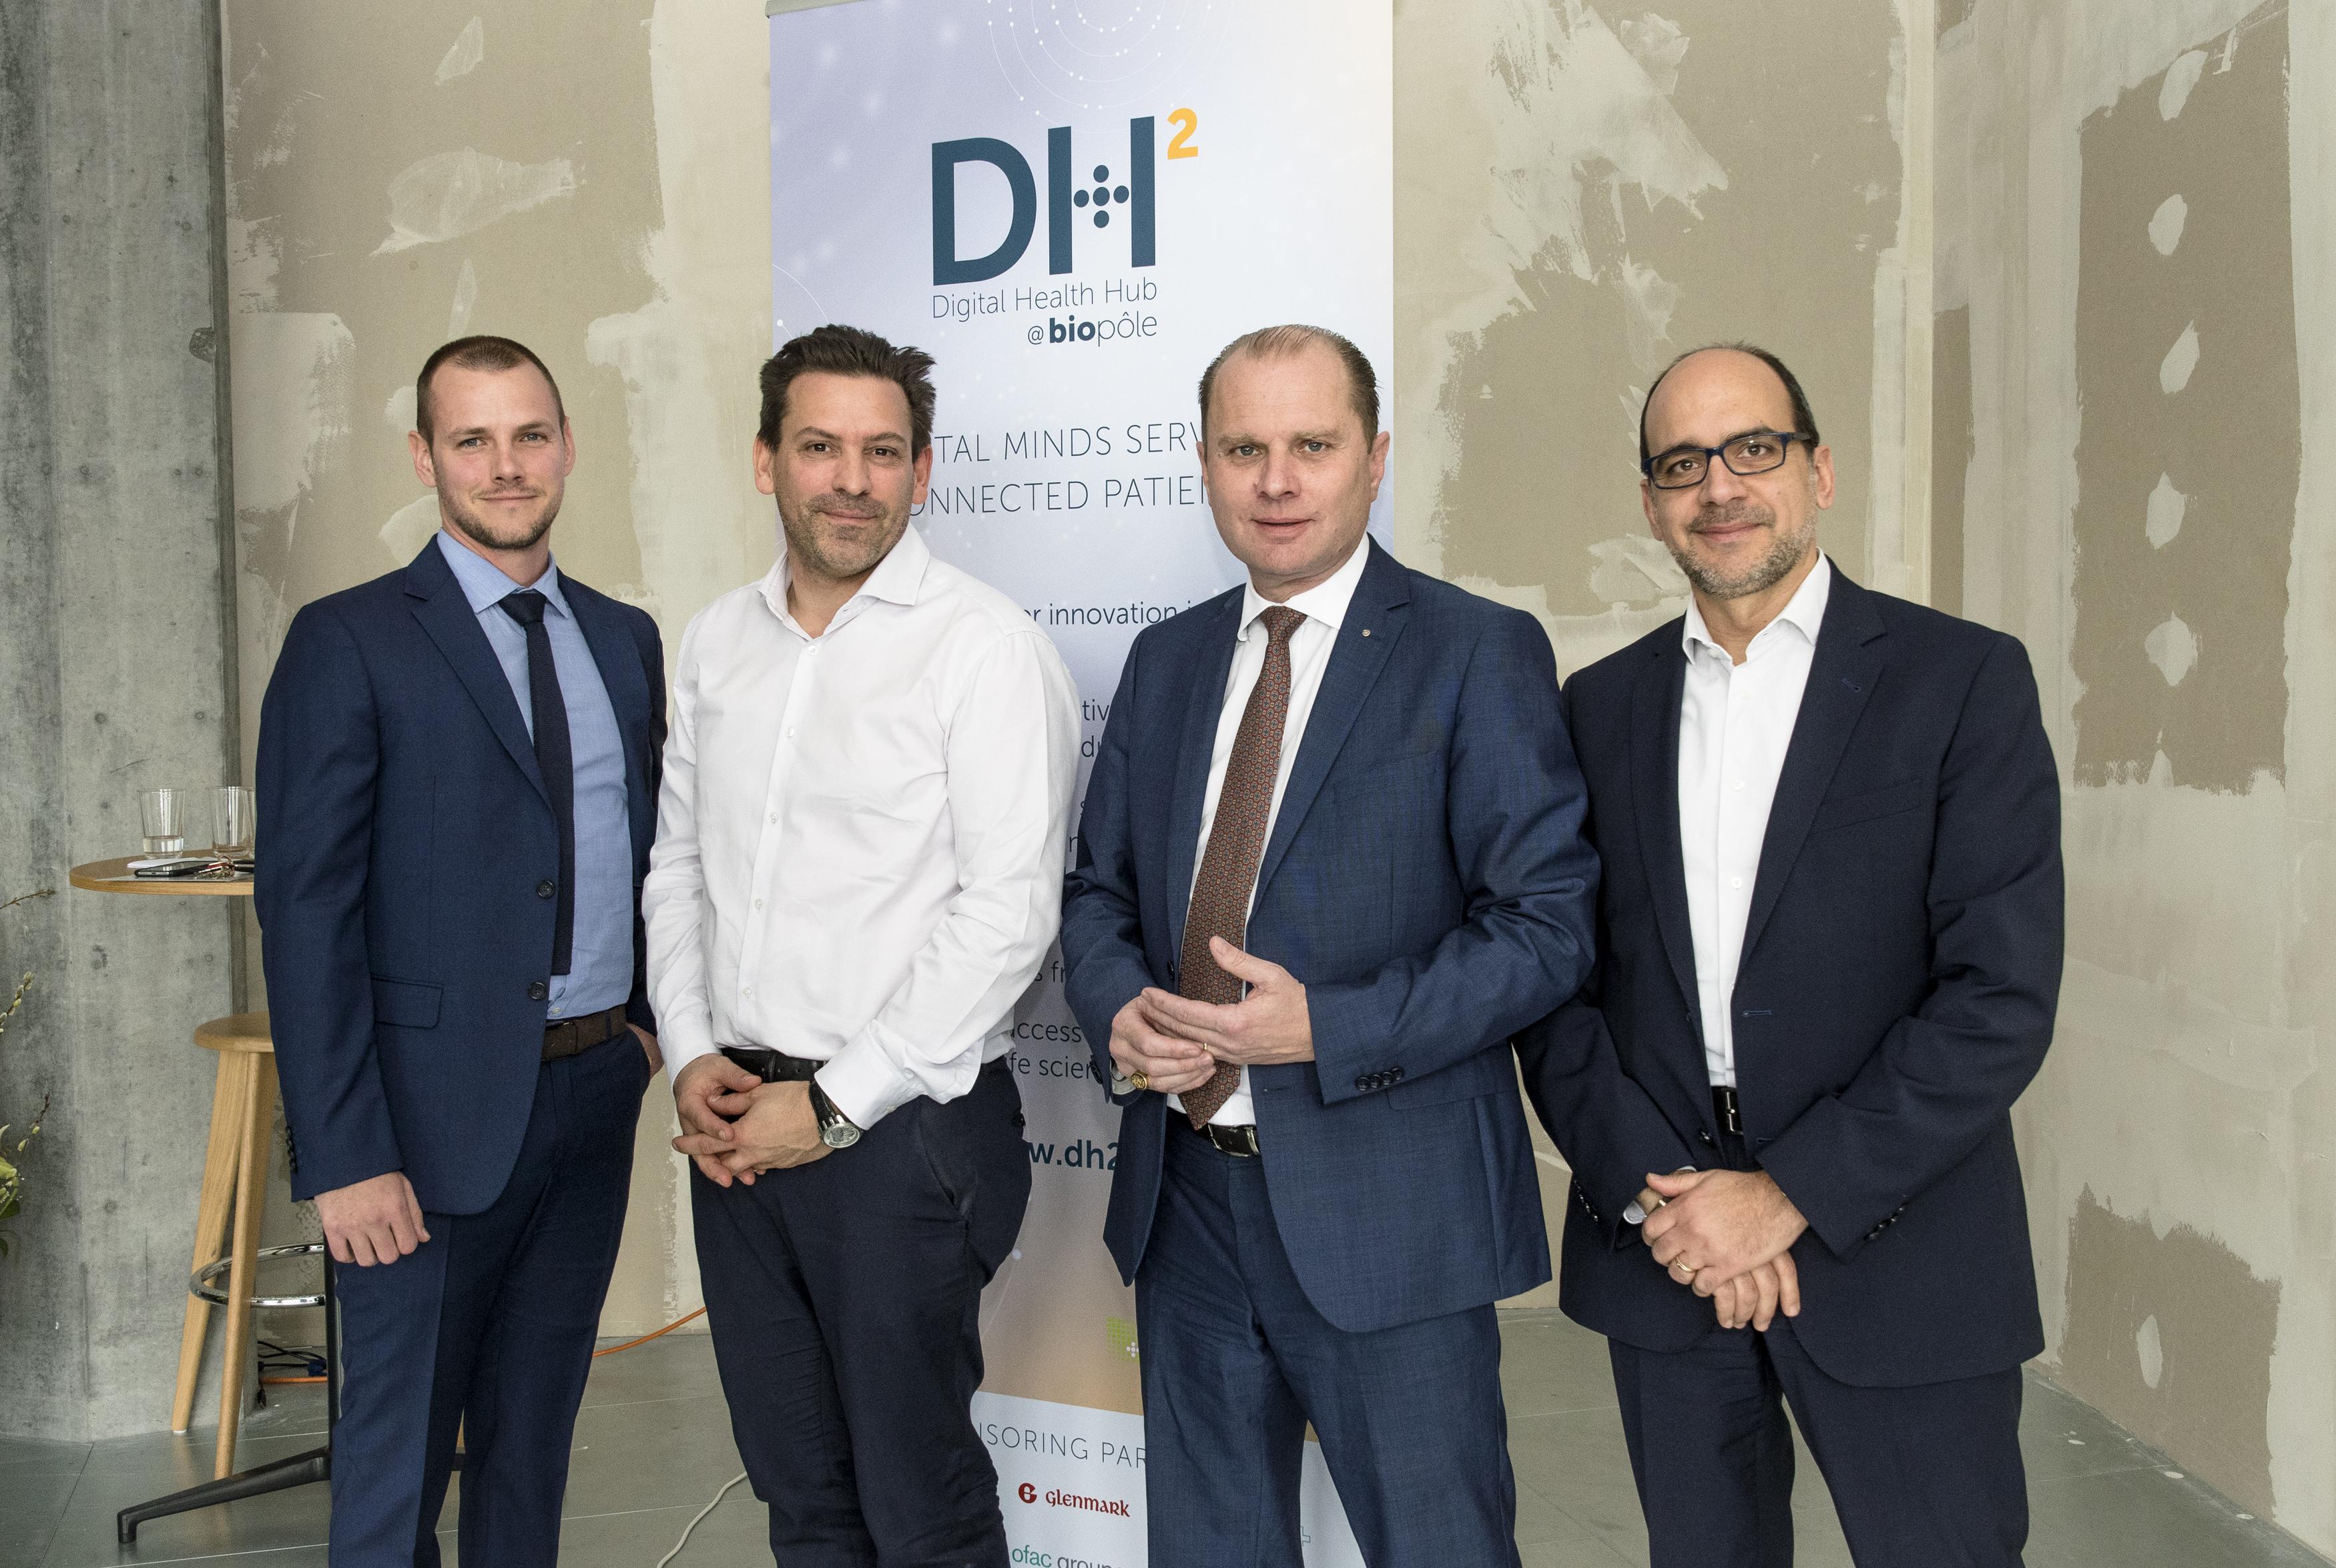 Photo (N. Spuhler), left to right: Adrien de Tonnec, Sales & Marketing Manager at Medtronic; Prof Thomas Hügle, Chef du Service de rhumatologie du CHUV; Philippe Leuba, Chef du Département de l'économie, de l'innovation et du sport et Nasri Nahas, CEO of  Biopôle SA